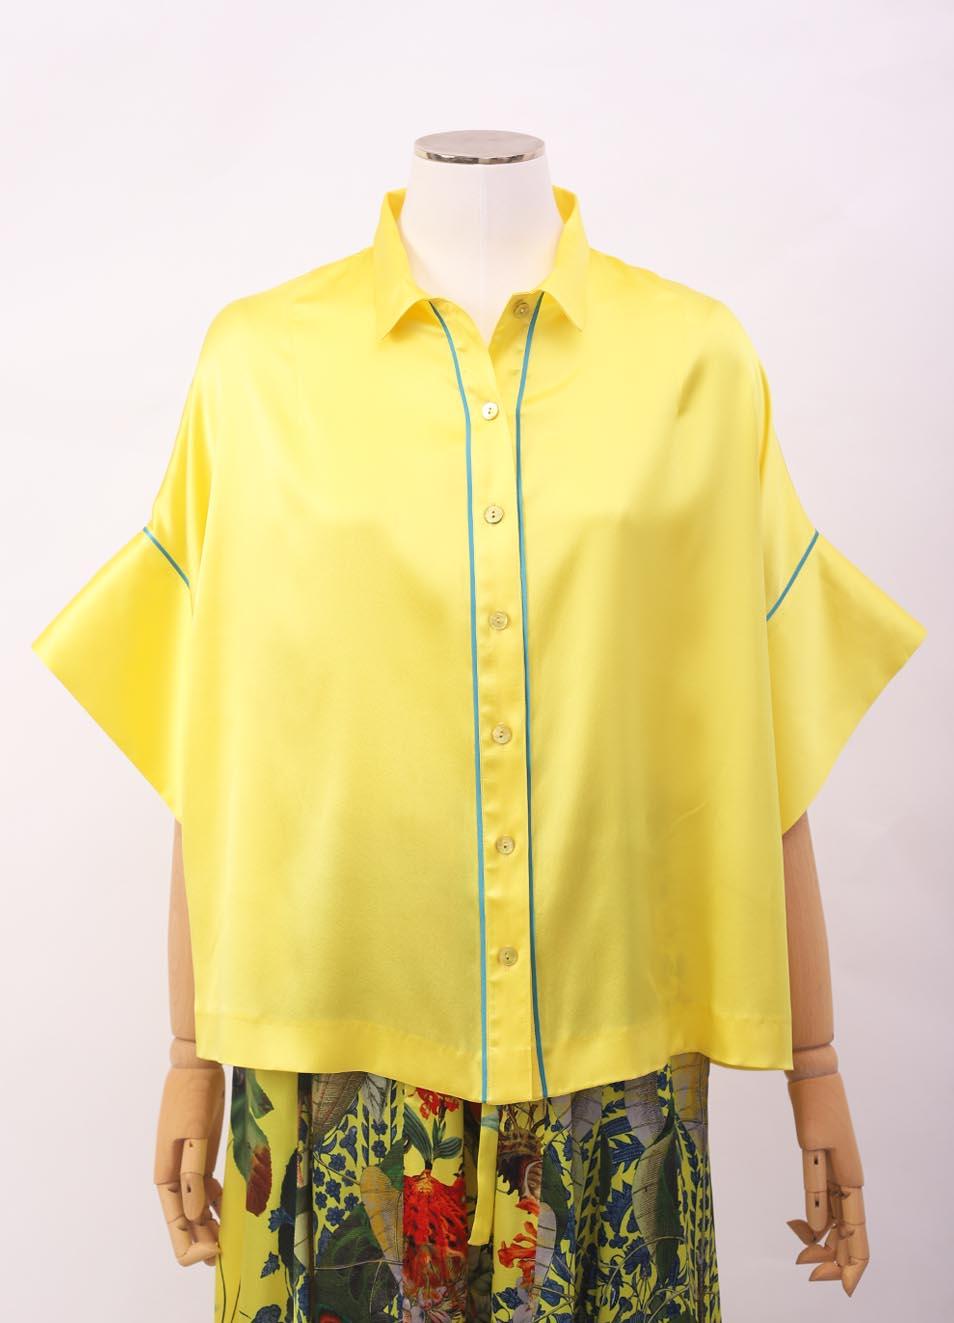 miglior servizio bc2a9 178ed Camicia in seta gialla con manica larga